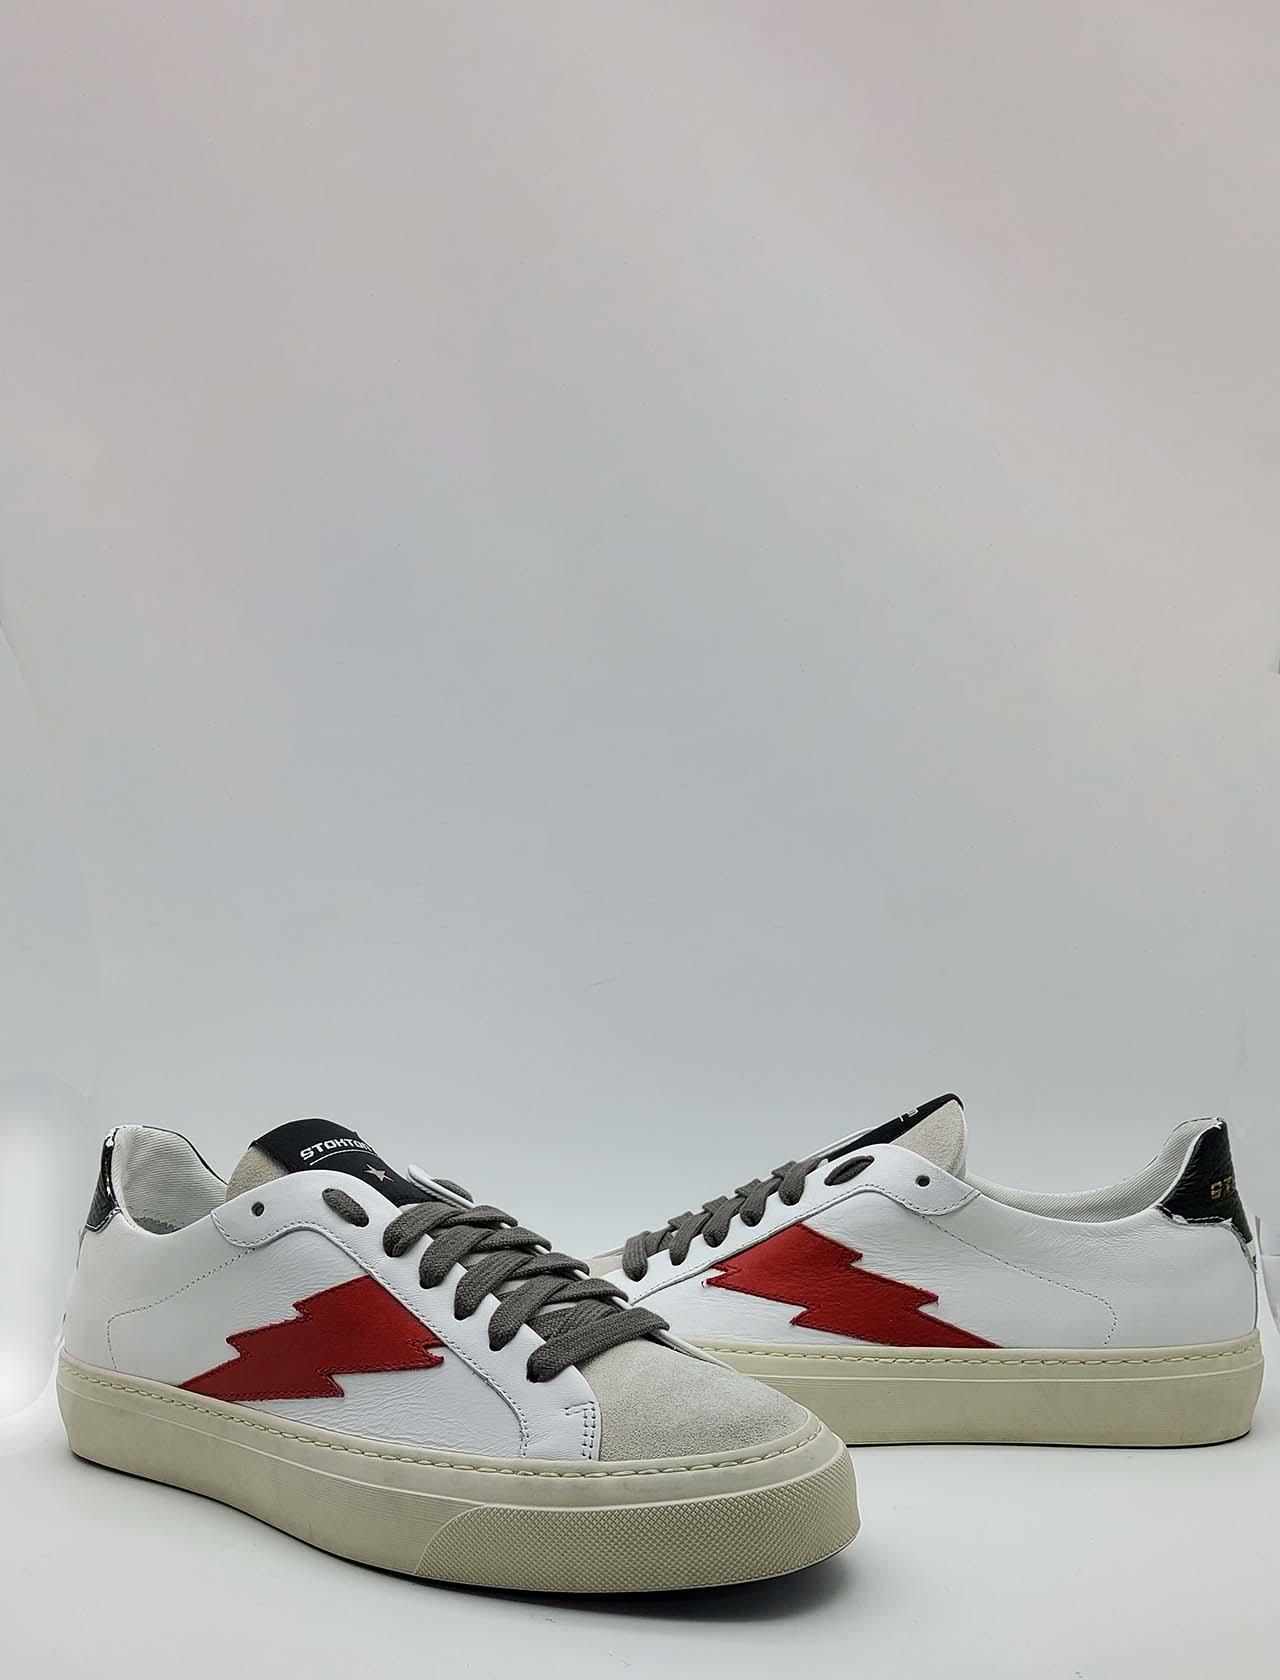 Calzature Uomo Sneakers in Pelle e Camoscio Off White con Logo Laterale e Fondo Vintage in Gomma Stokton   Sneakers   BLAZE-U100